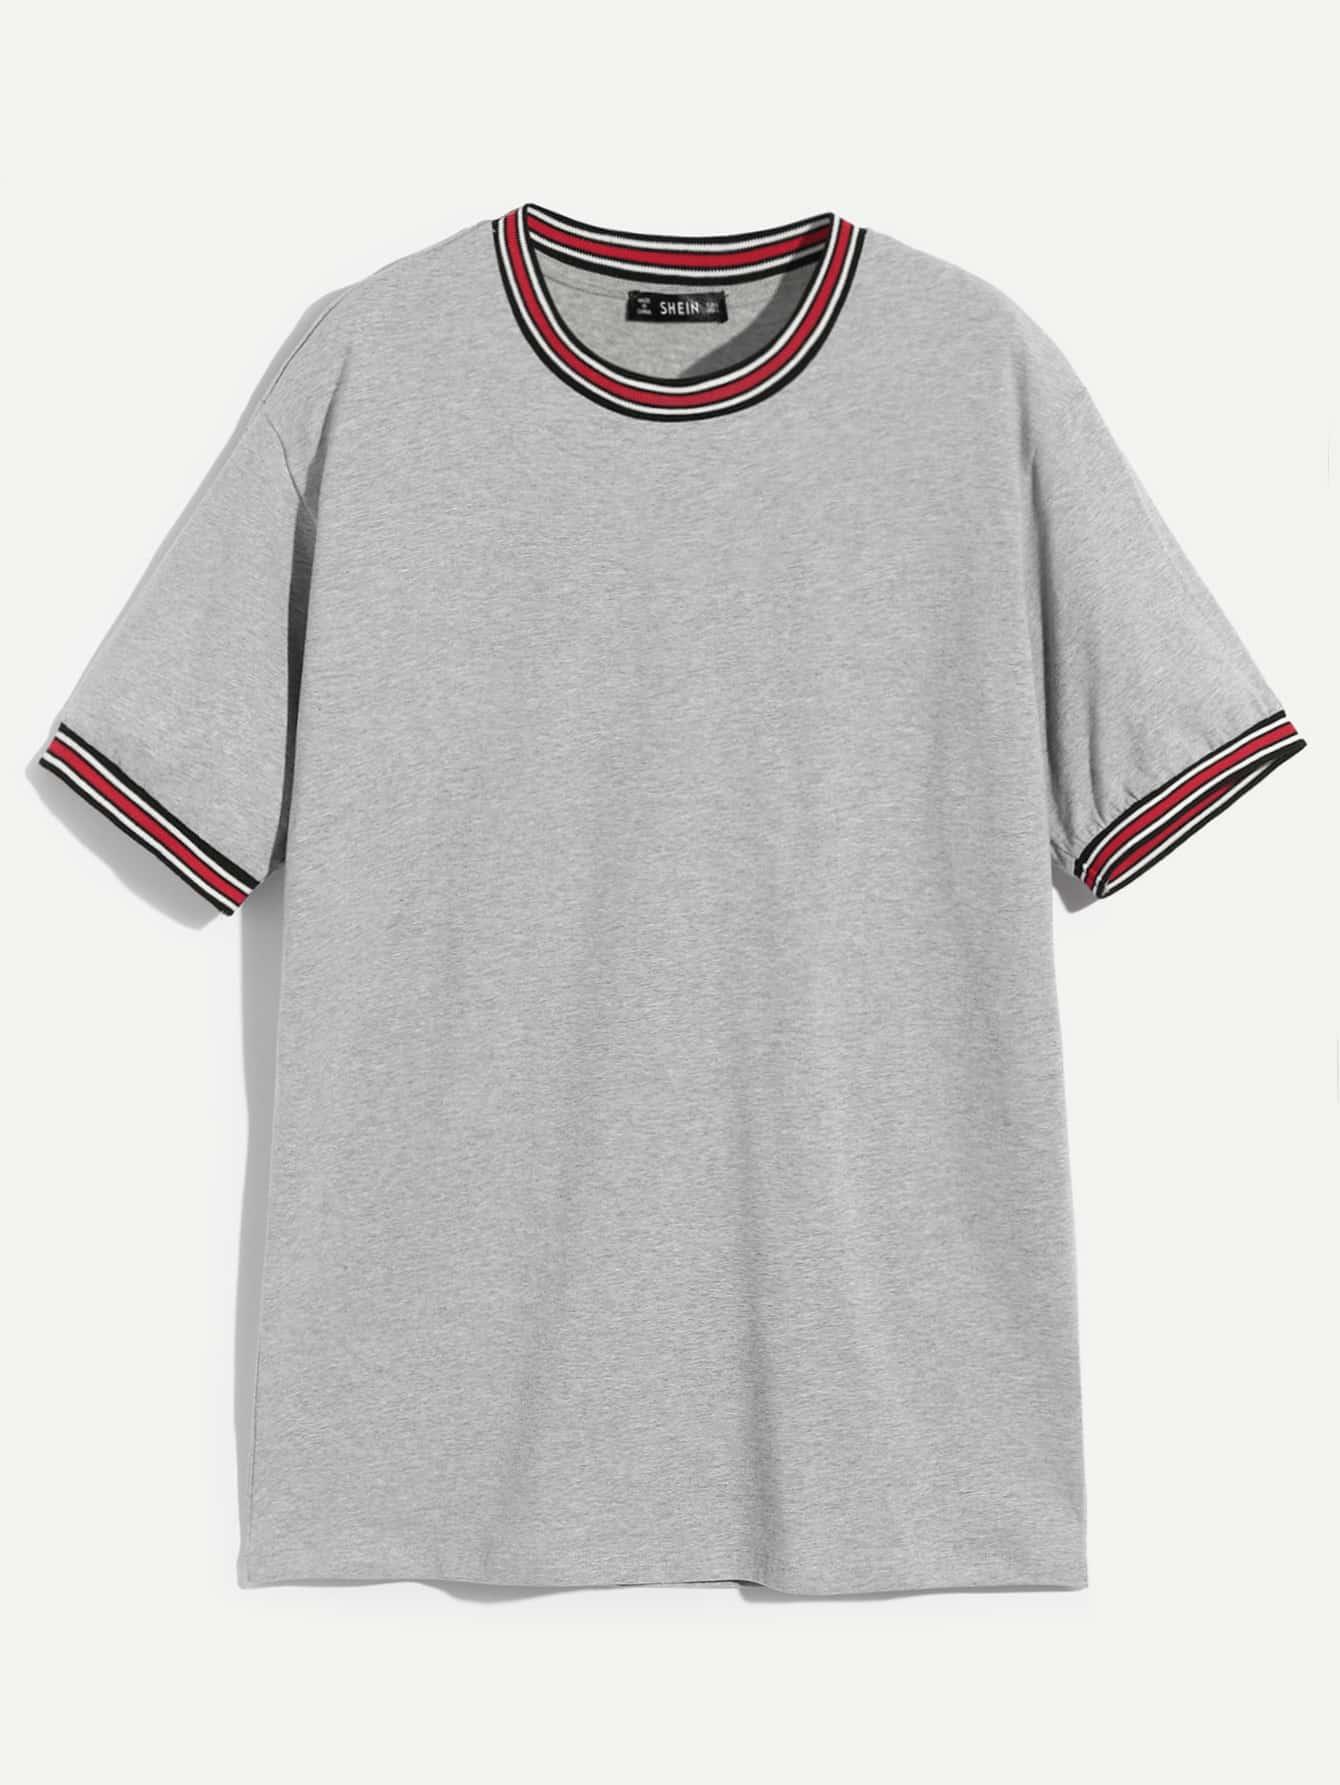 Купить Мужская однотонная футболка с полоской отделкой, null, SheIn